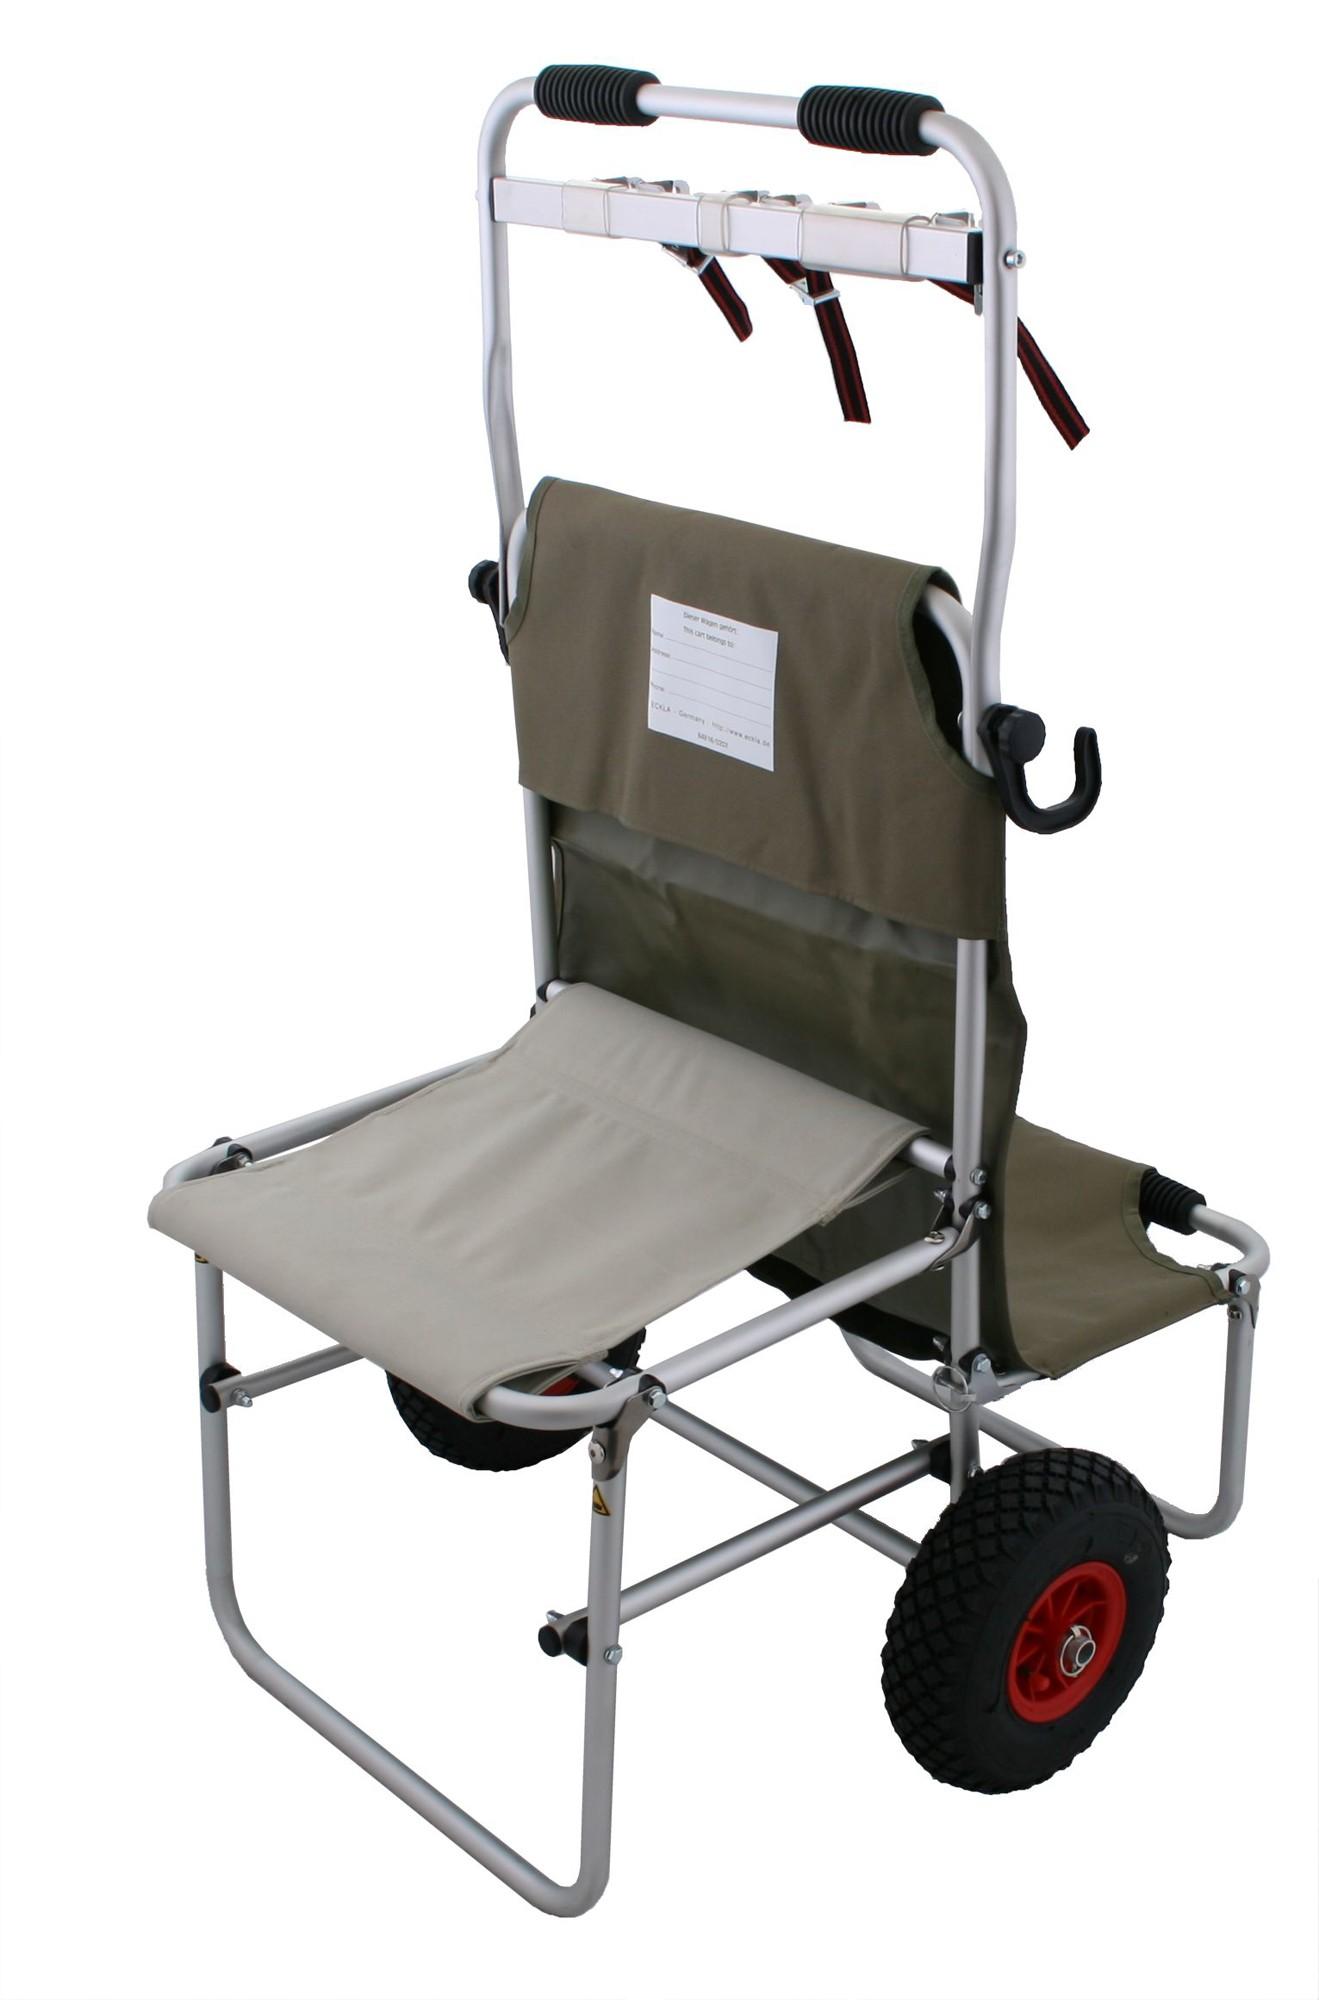 Eckla Multi Rolly Transportwagen mit Multileiste klappbar pannensicher Bild 3